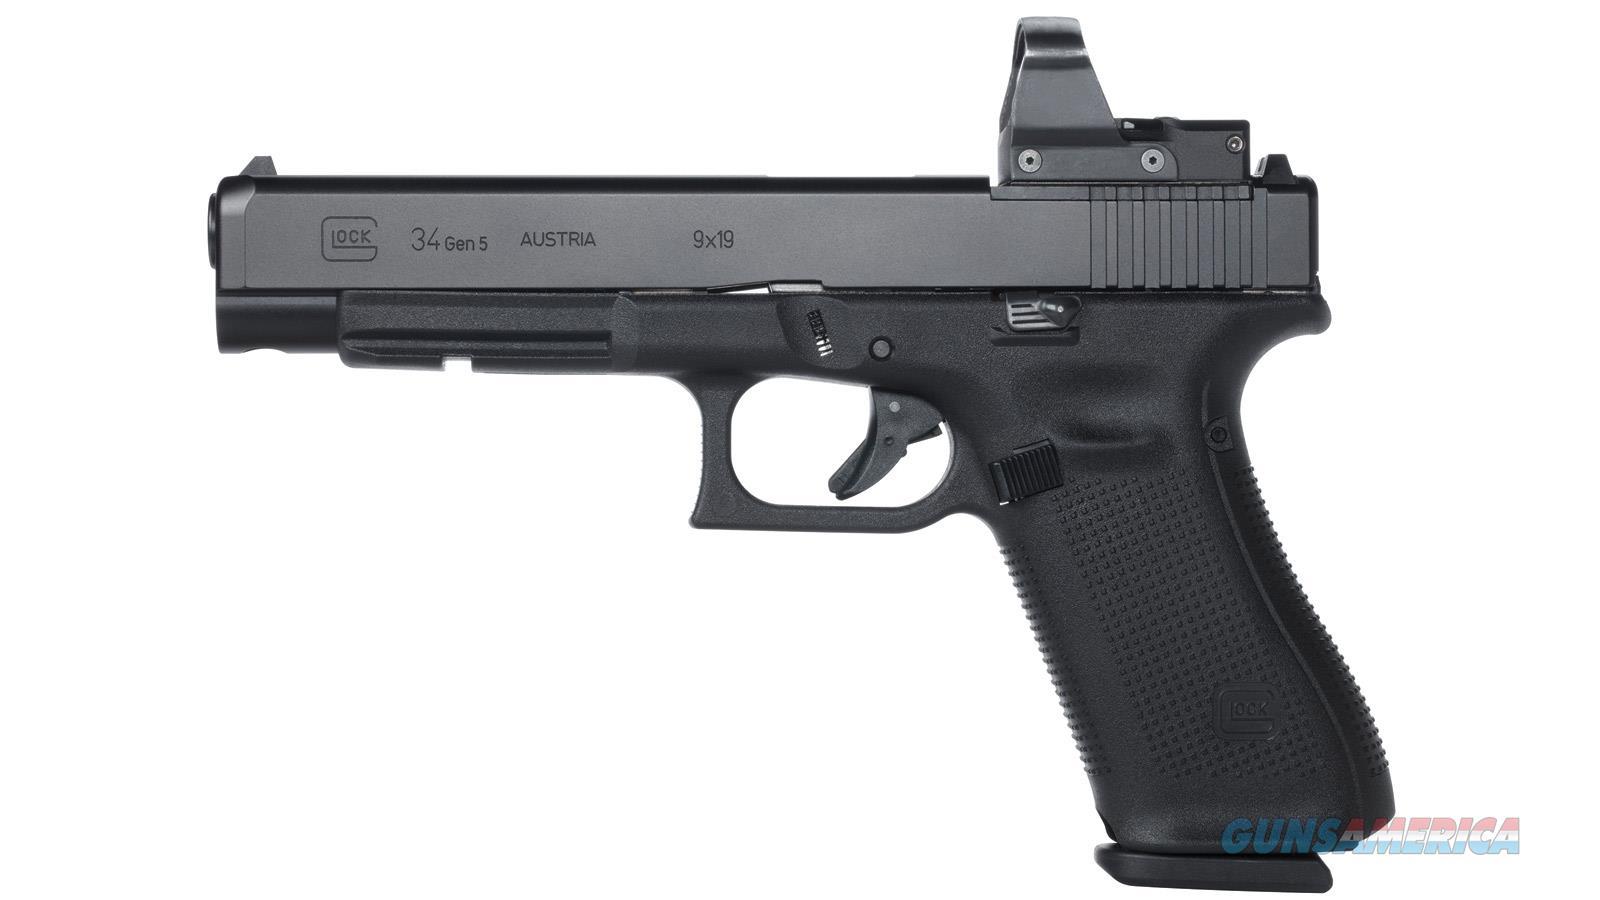 Glock 34 9Mm Mos Gen5 17Rd PA3430103MOS  Guns > Pistols > G Misc Pistols